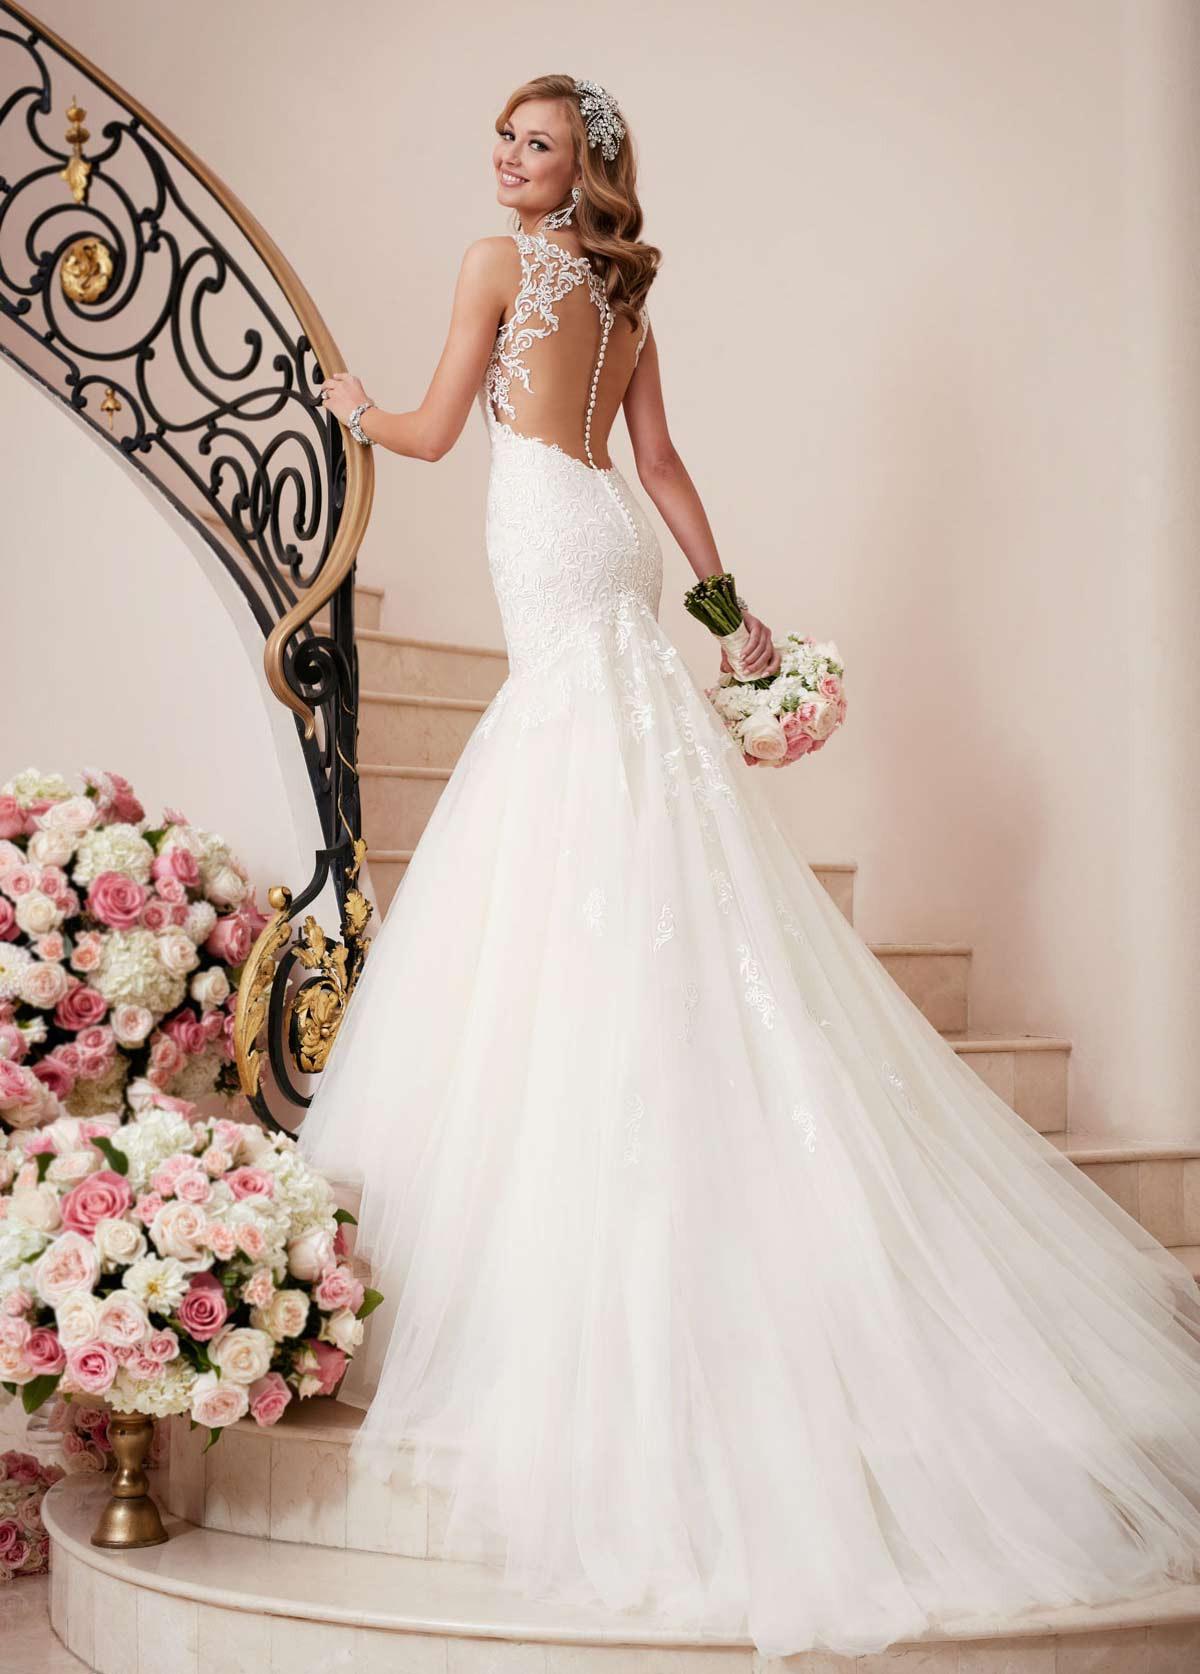 Designer Top Ausgefallene Brautkleider Bester PreisFormal Wunderbar Ausgefallene Brautkleider Galerie